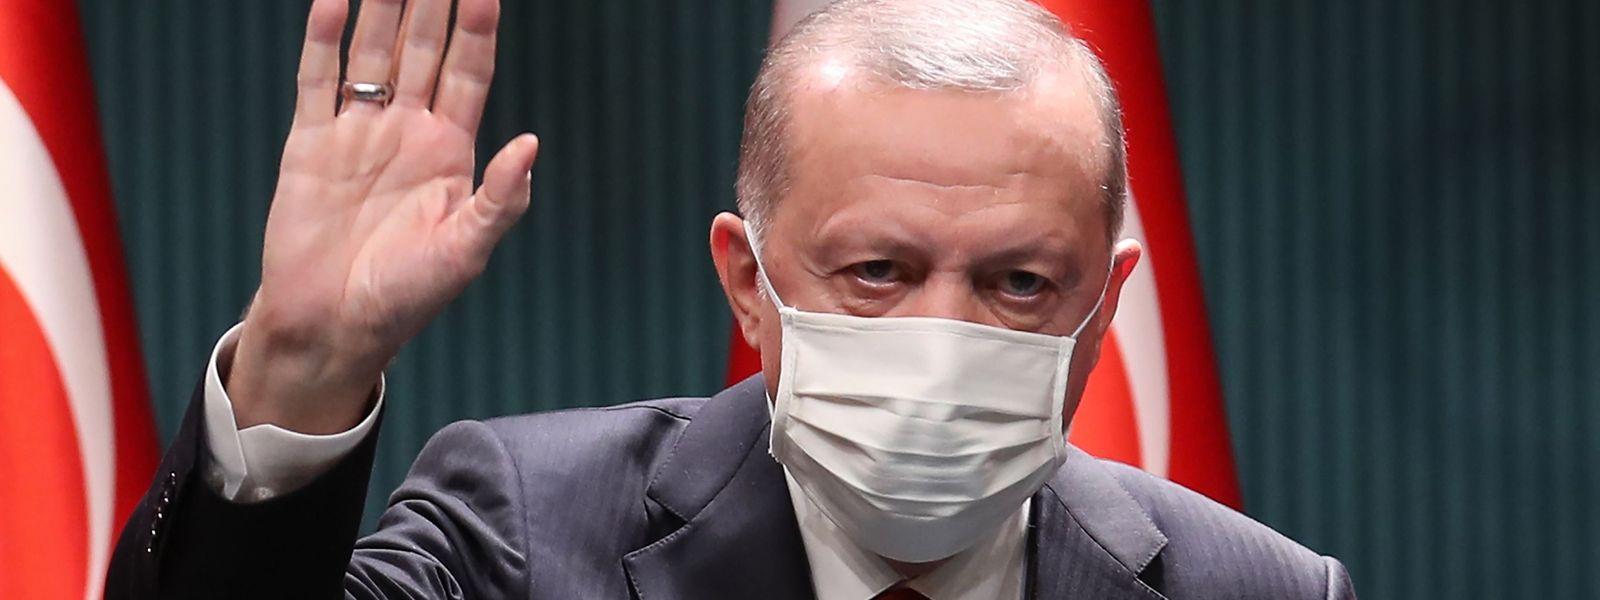 """Staatschef Erdogan begründet das neue Gesetz: """"Diese Kanäle, in denen es von Lügen, Beleidigungen, Angriffen auf das Persönlichkeitsrecht und Rufmorden wimmelt, müssen reguliert werden."""""""